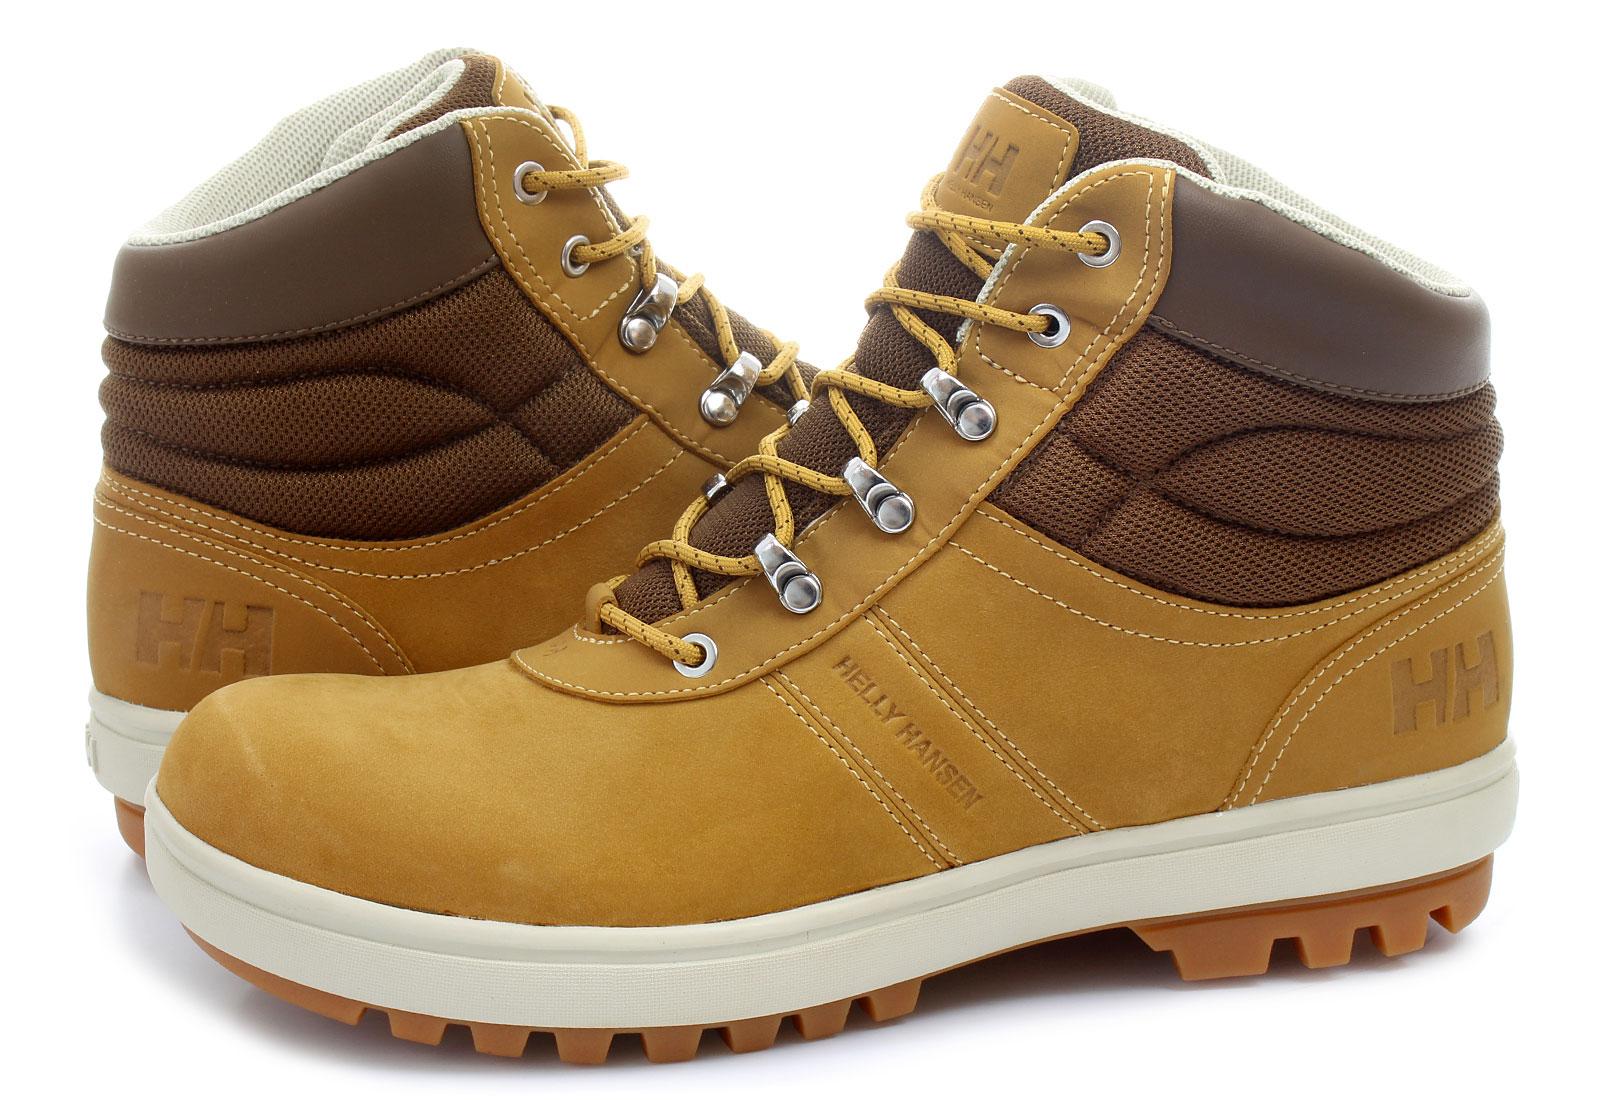 Helly Hansen Bakancs - Montreal - 10998-724 - Office Shoes Magyarország 1a2529eafc